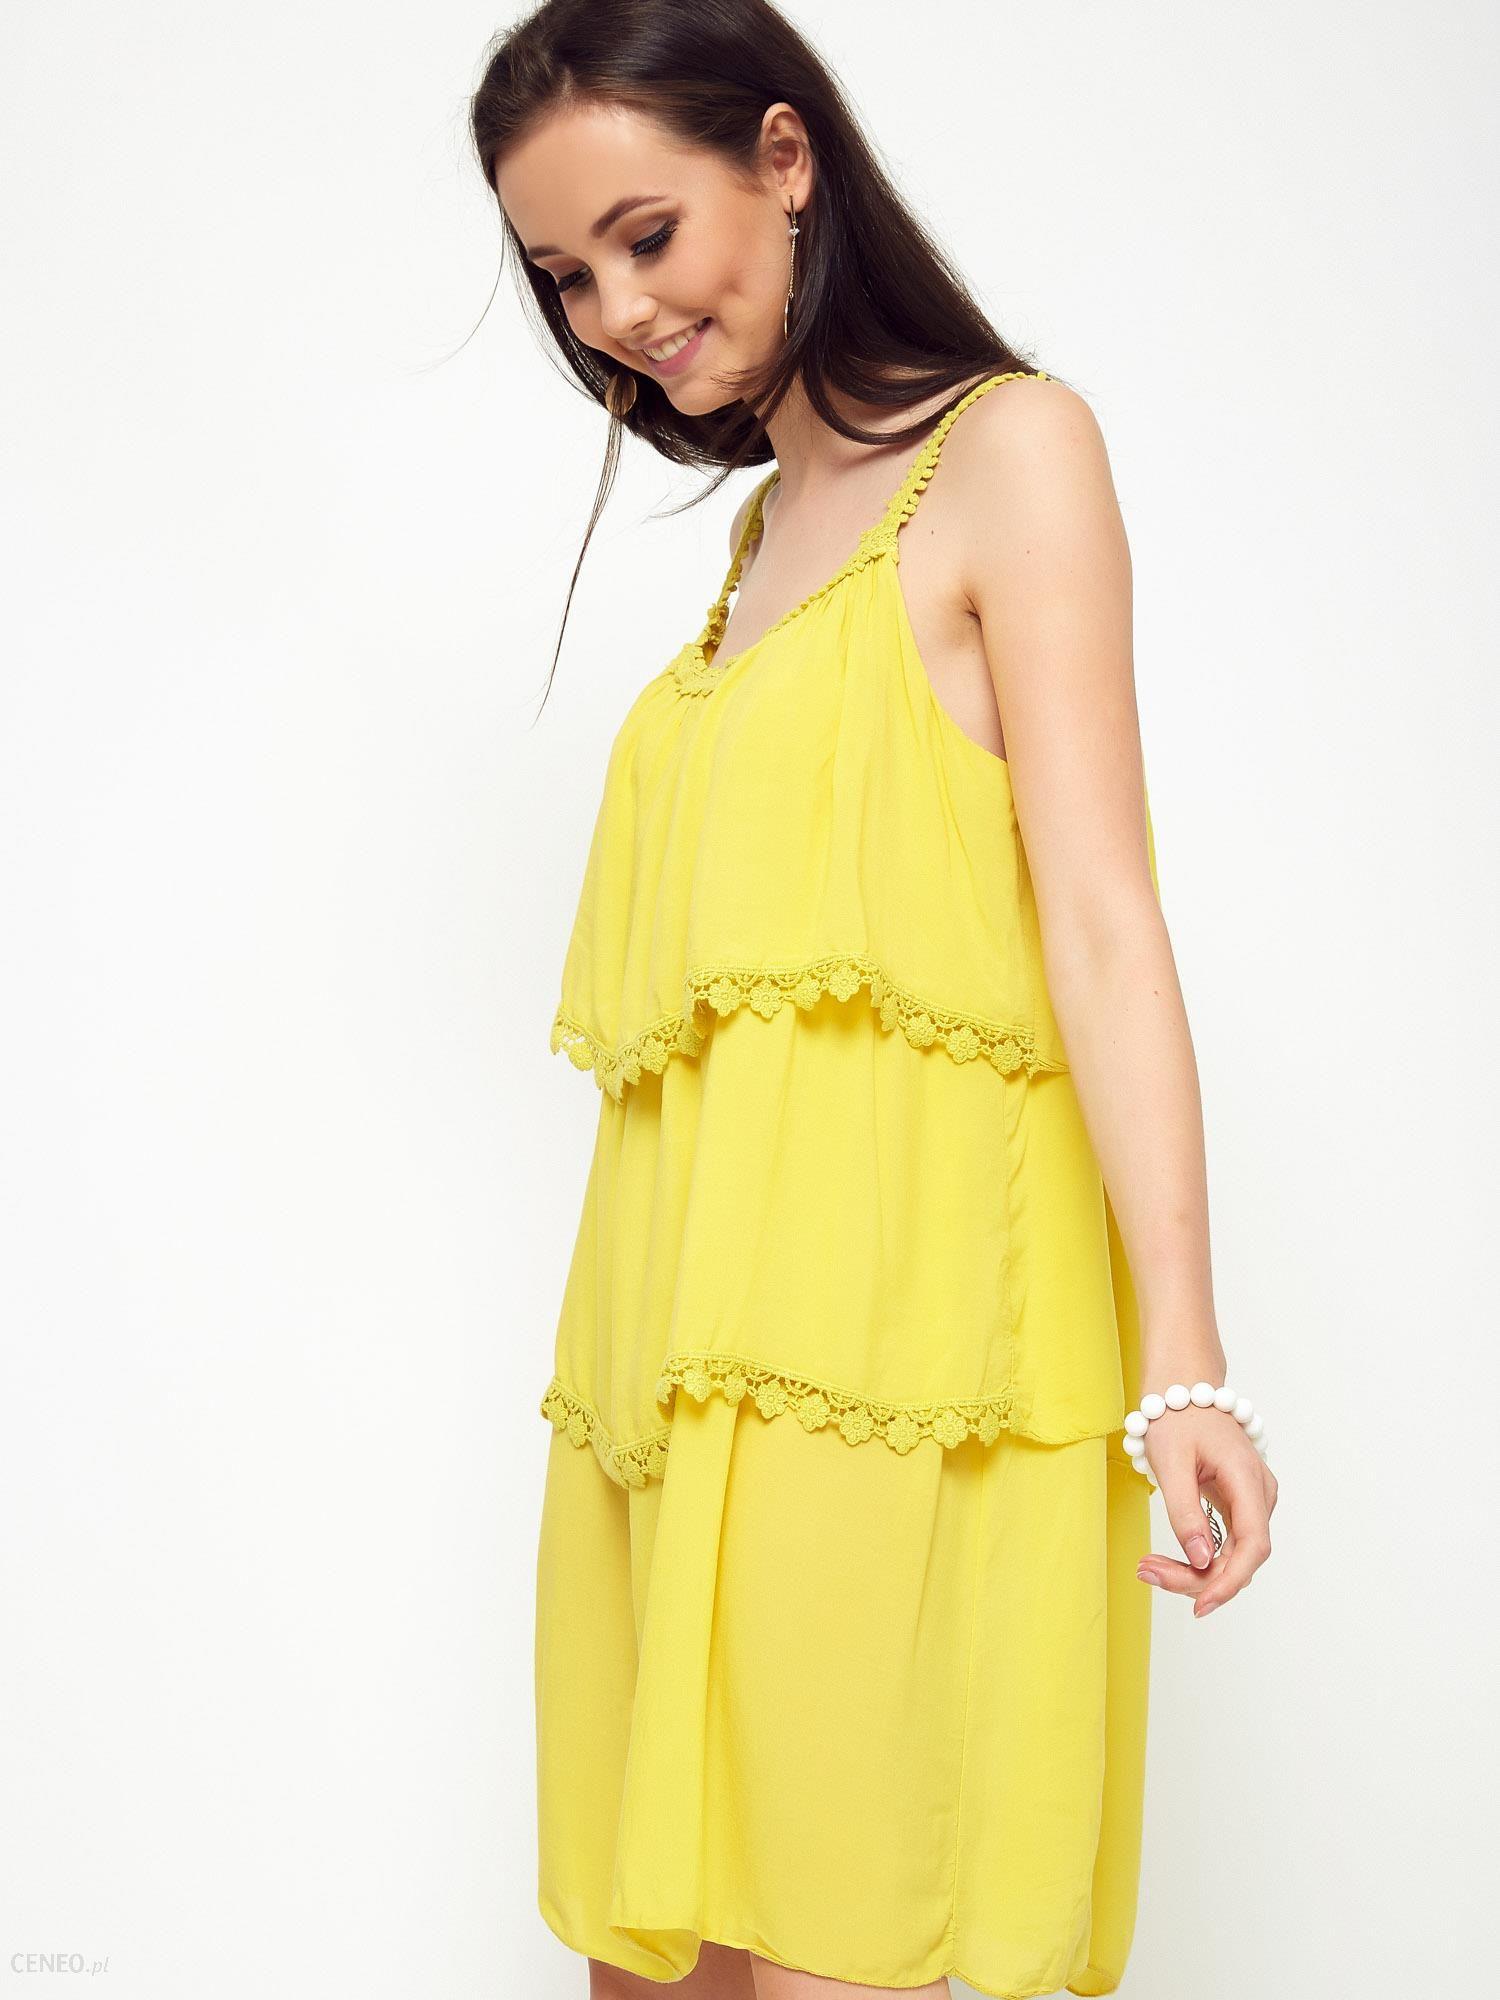 6d932ea2d23c93 Sukienka z falbanami zdobiona koronką żółta - Ceny i opinie - Ceneo.pl